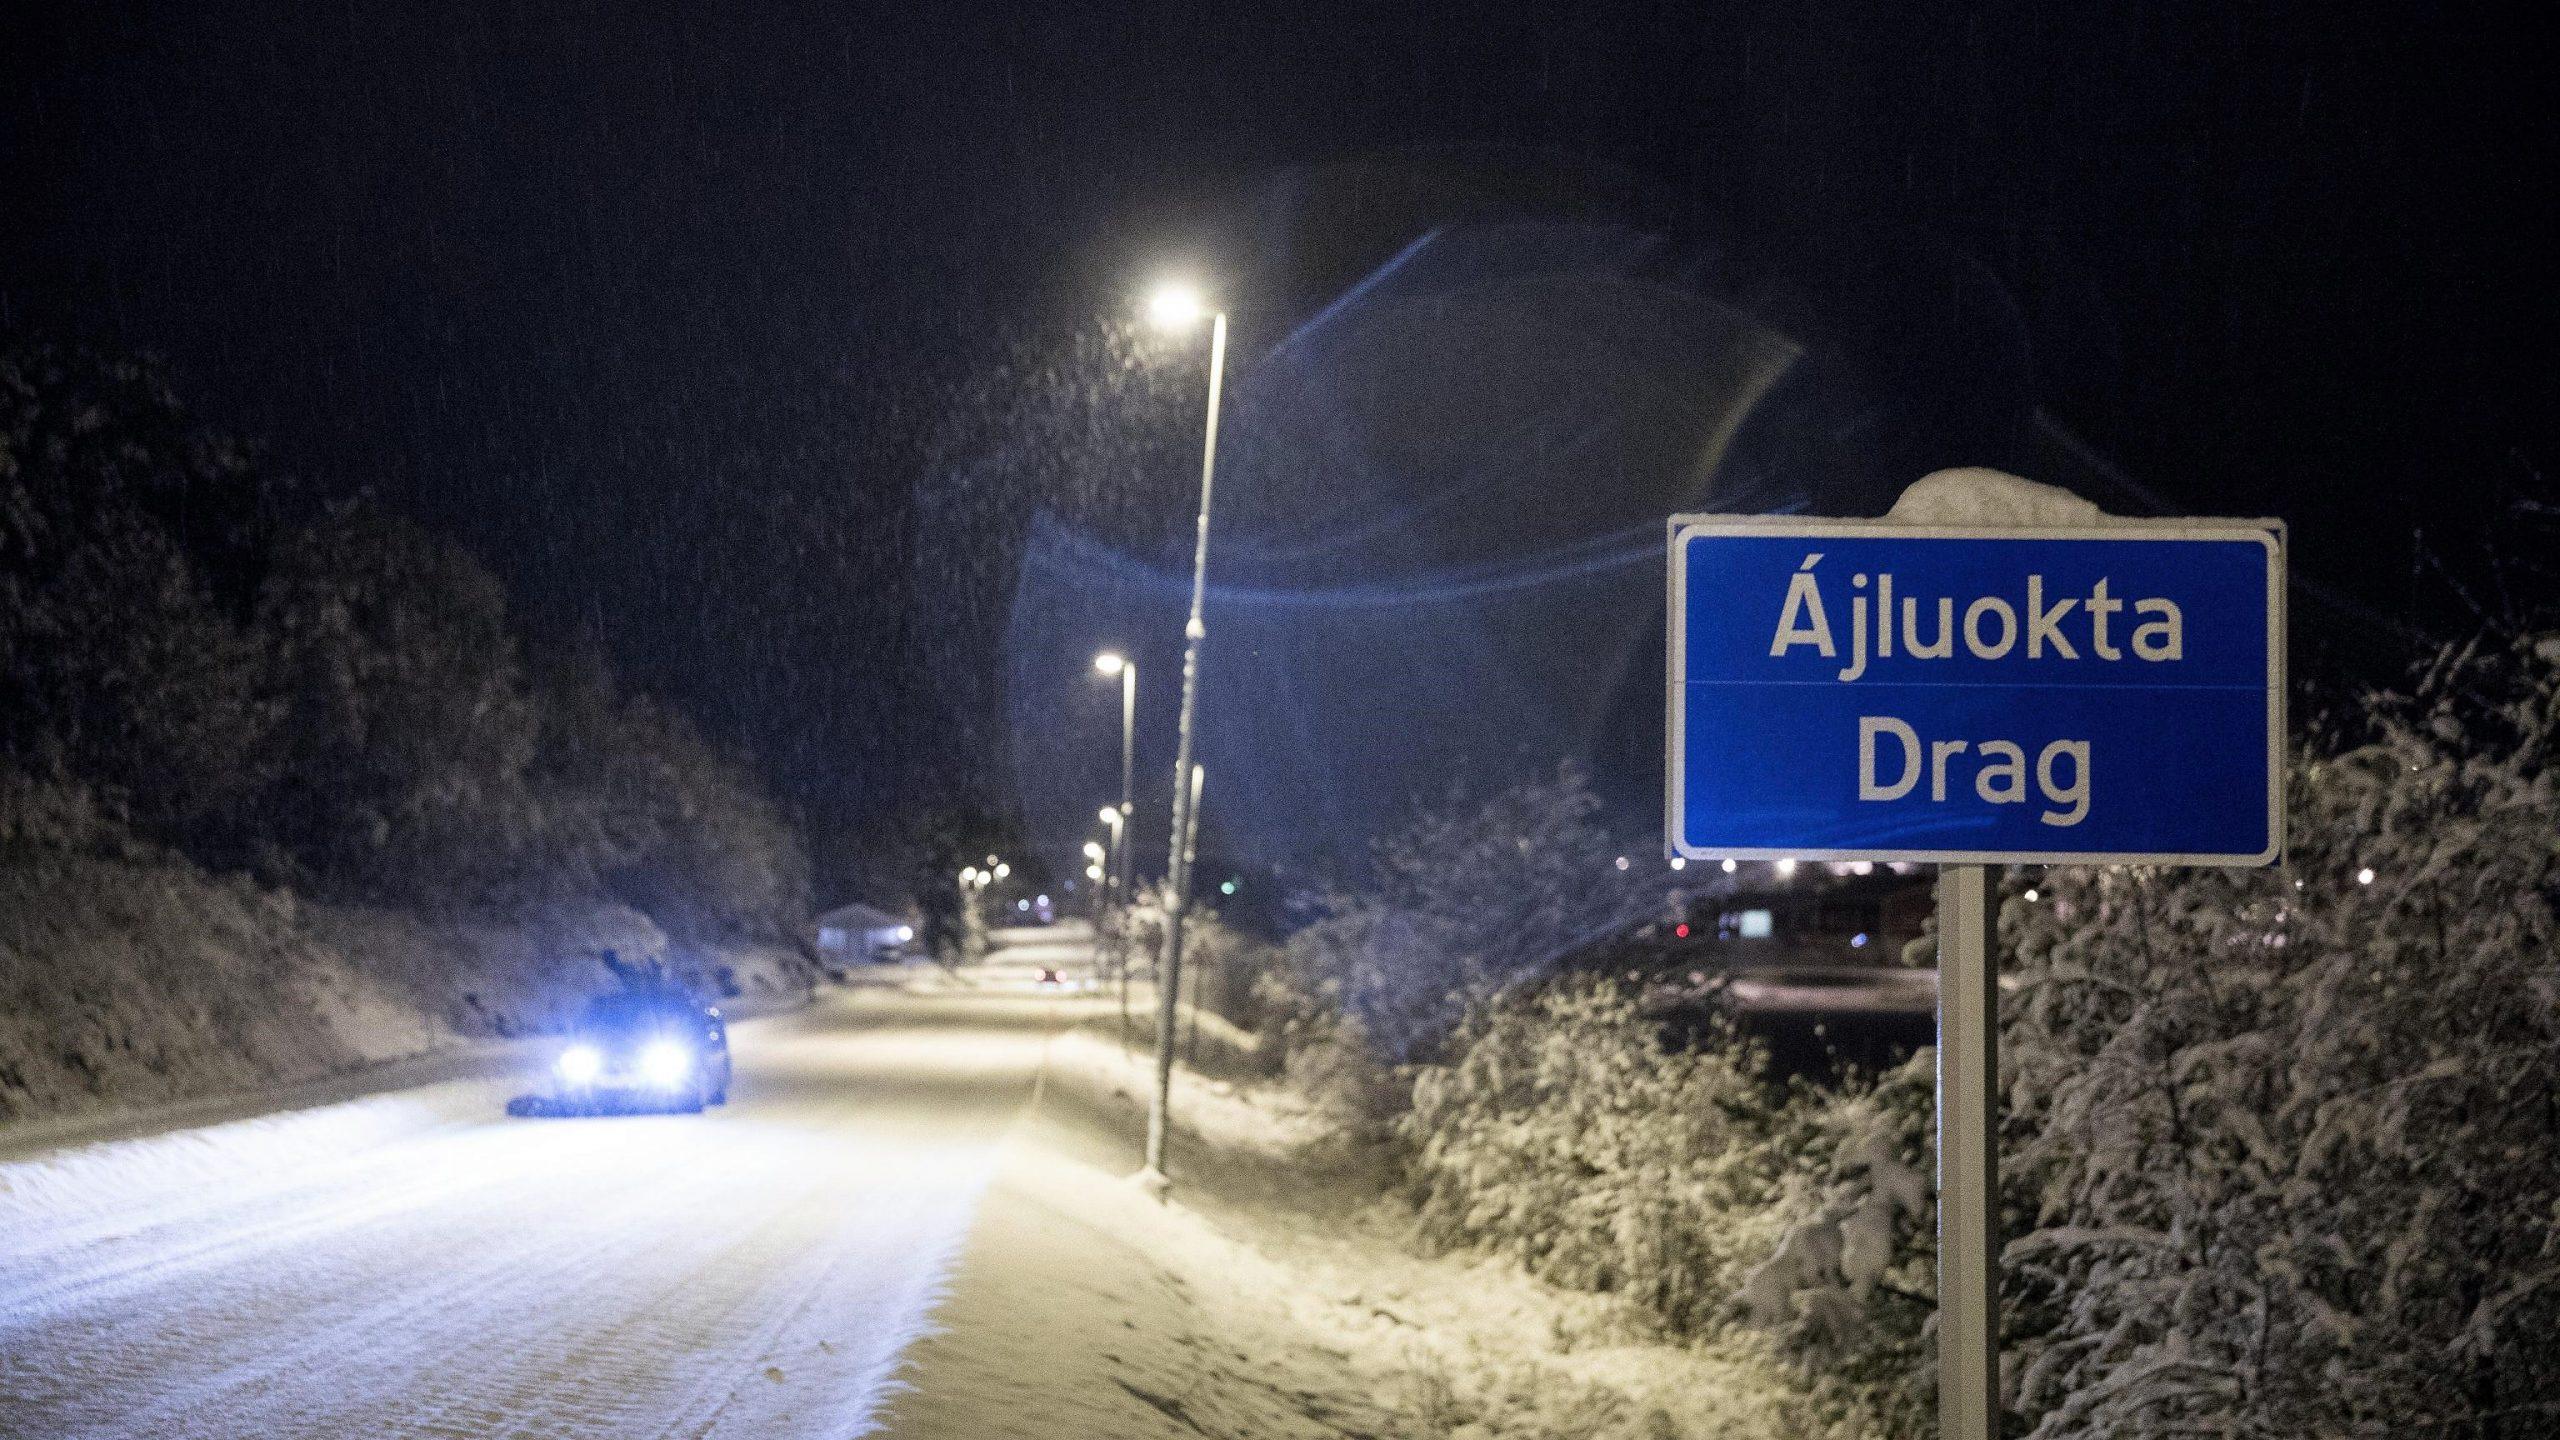 Norvegia, stupri e violenze sessuali in un villaggio in Lapponia: tra le vittime molti bambini